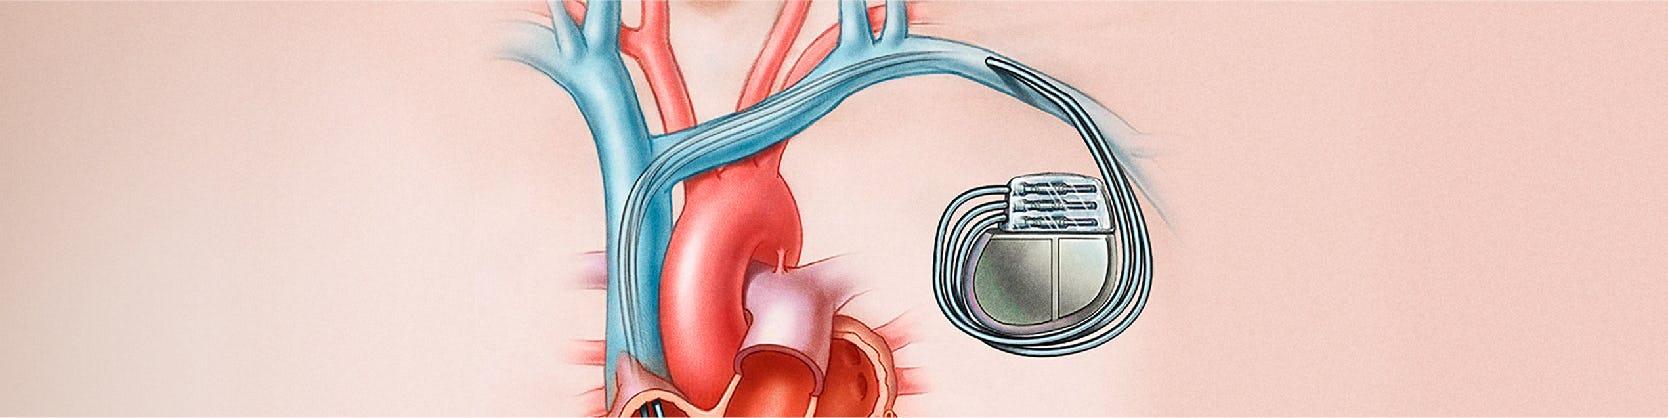 Implantare stimulator cardiac - Centrele Ares - Inovatie in Cardiologie